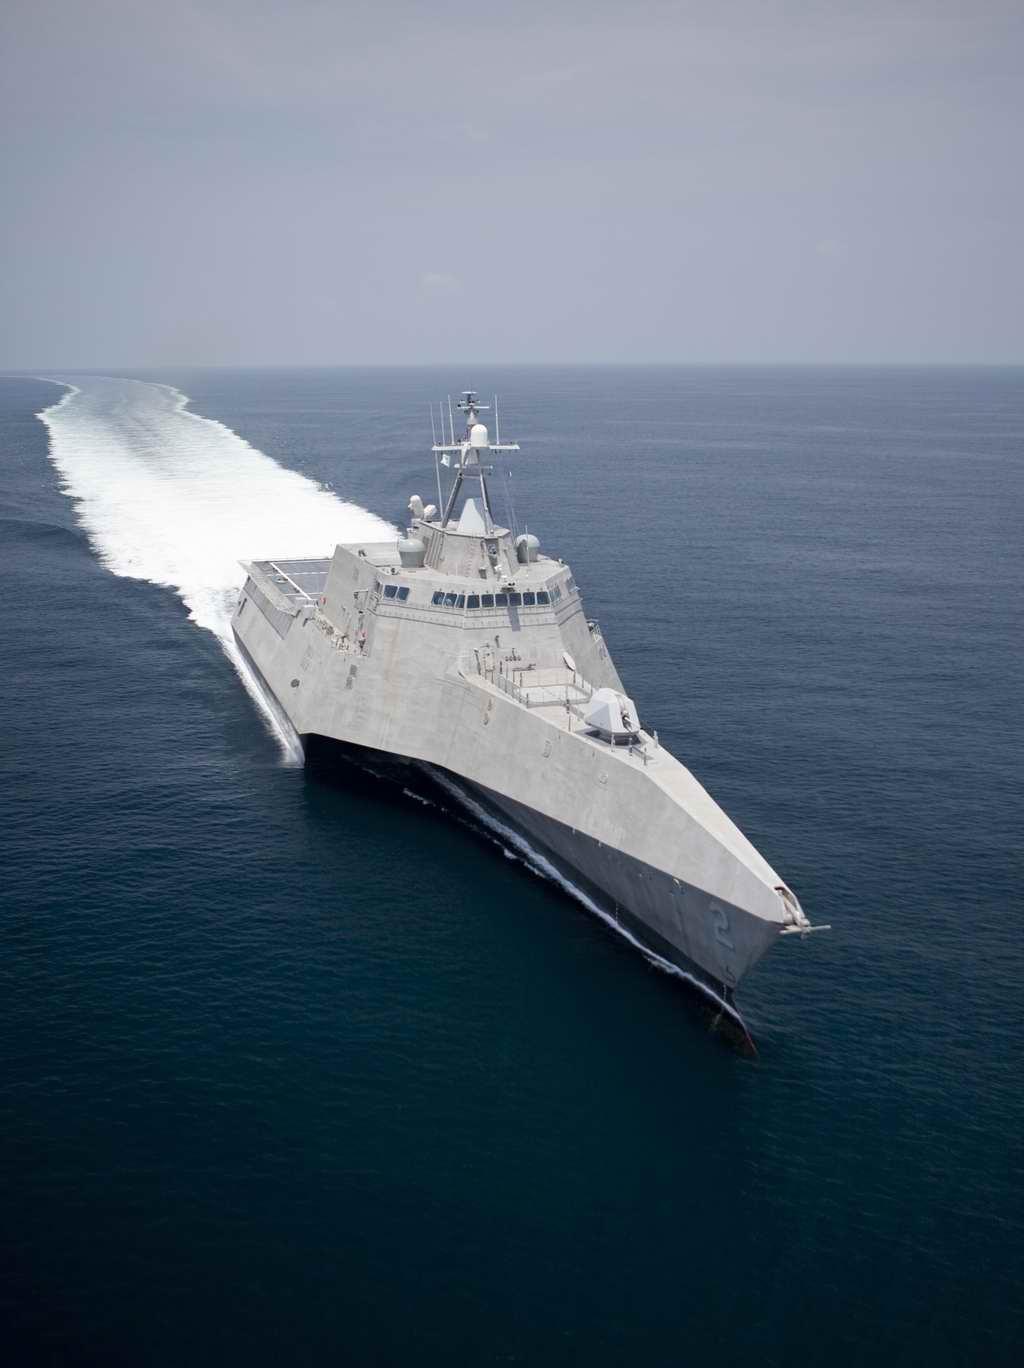 朱姆沃尔特级驱逐舰-美国海军正式接收 独立 号濒海战斗舰